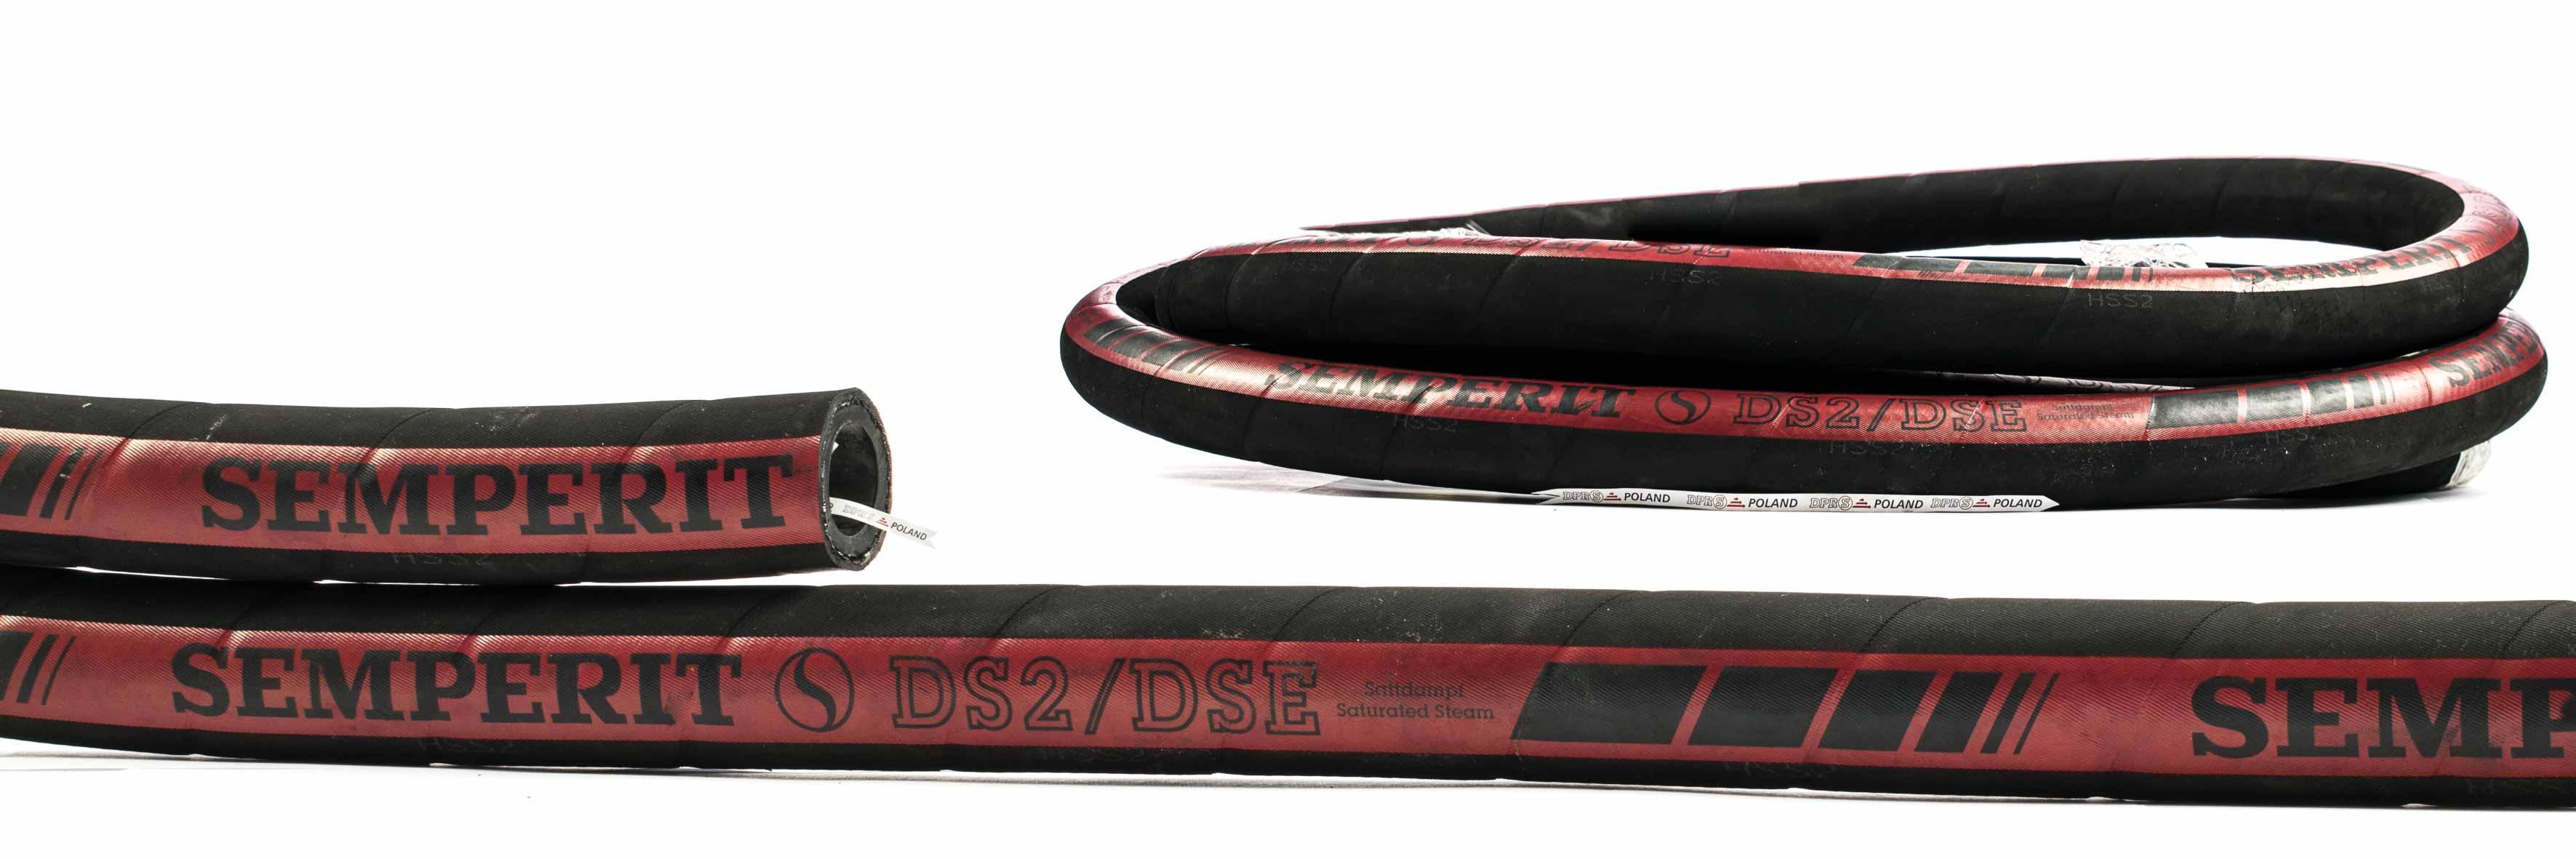 Wąż przemysłowy do pary i gorącej wody DS2/DSE SEMPERIT 18 bar 55 bar